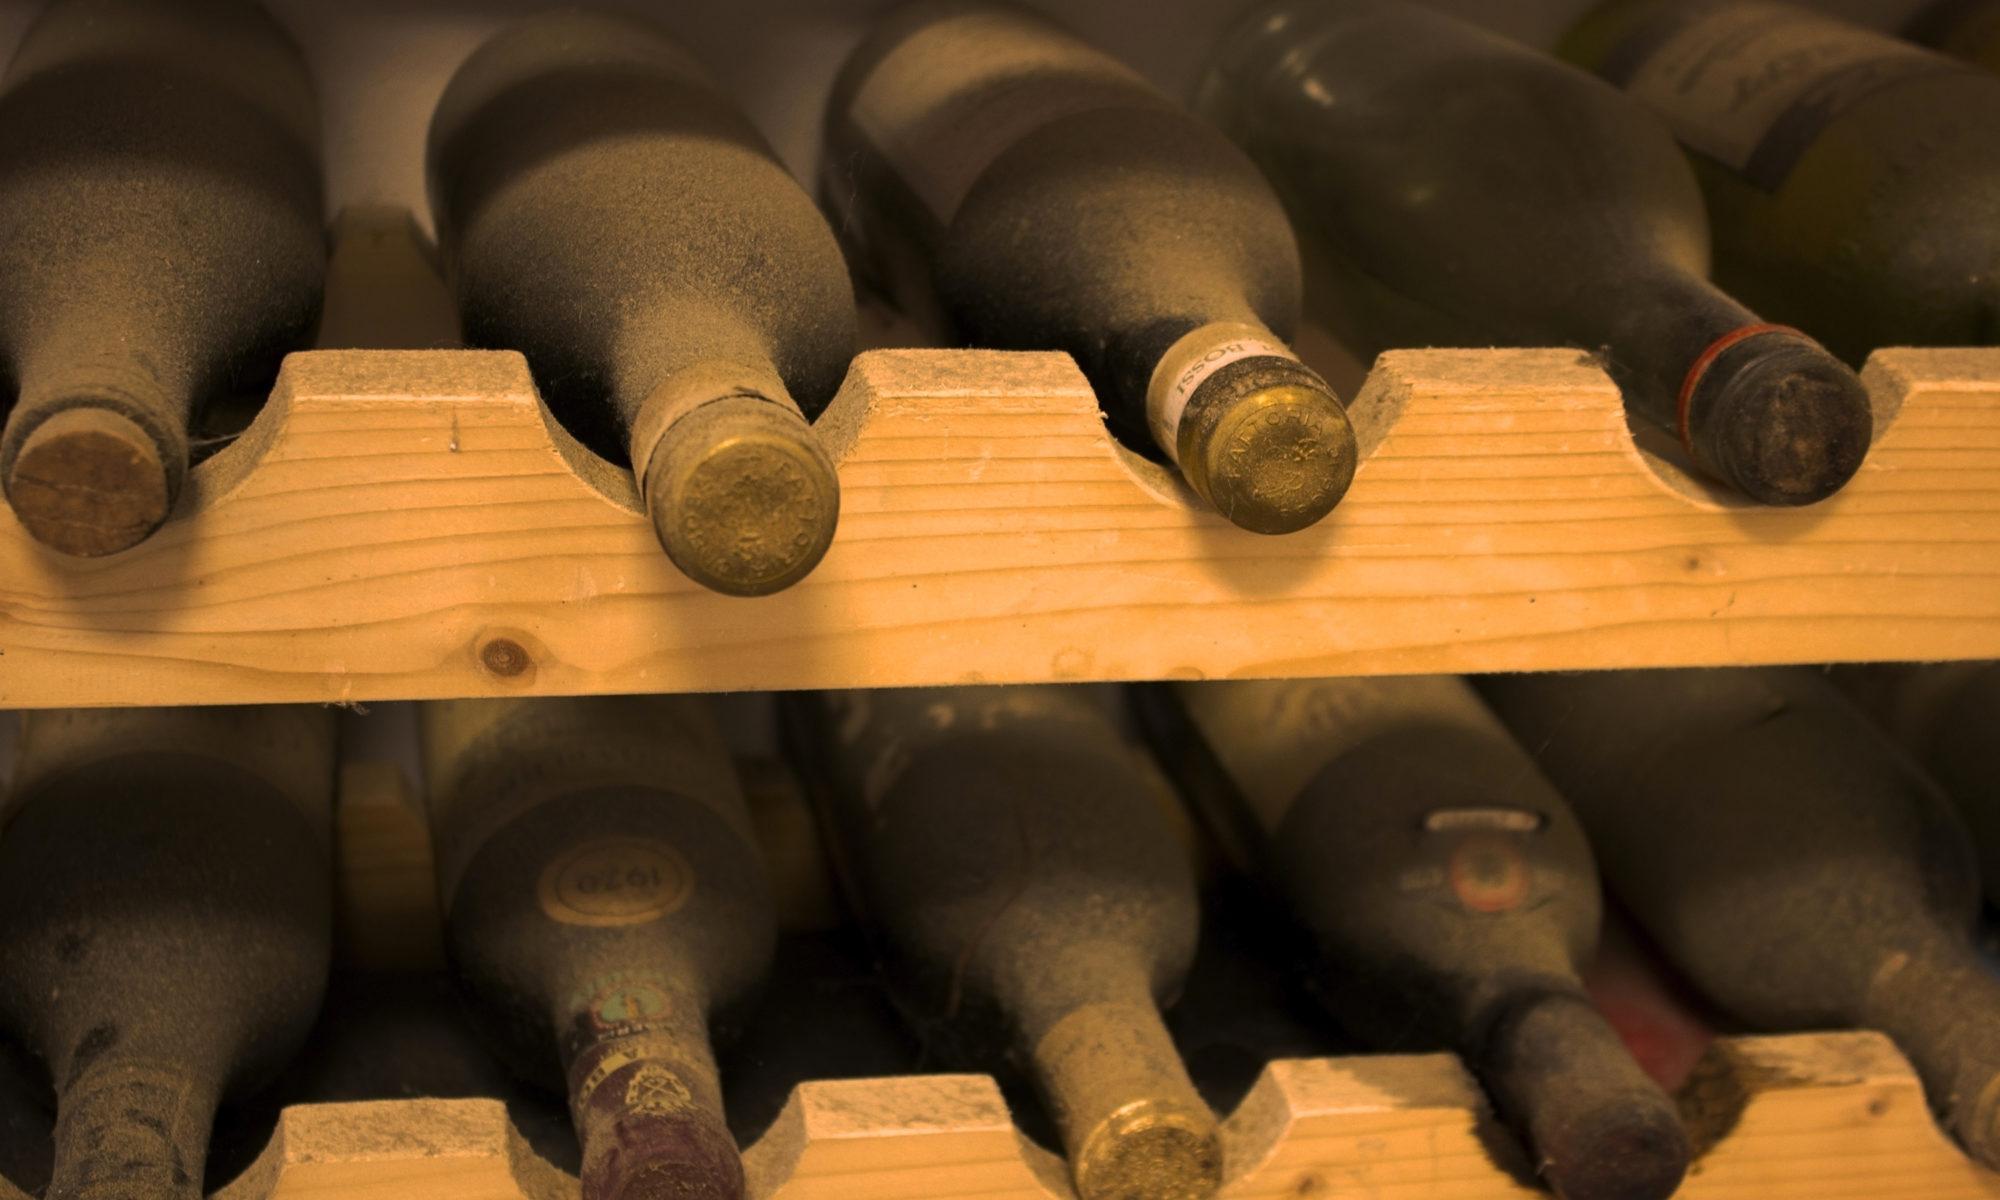 comment conserver son vin dans de bonnes conditions. Black Bedroom Furniture Sets. Home Design Ideas